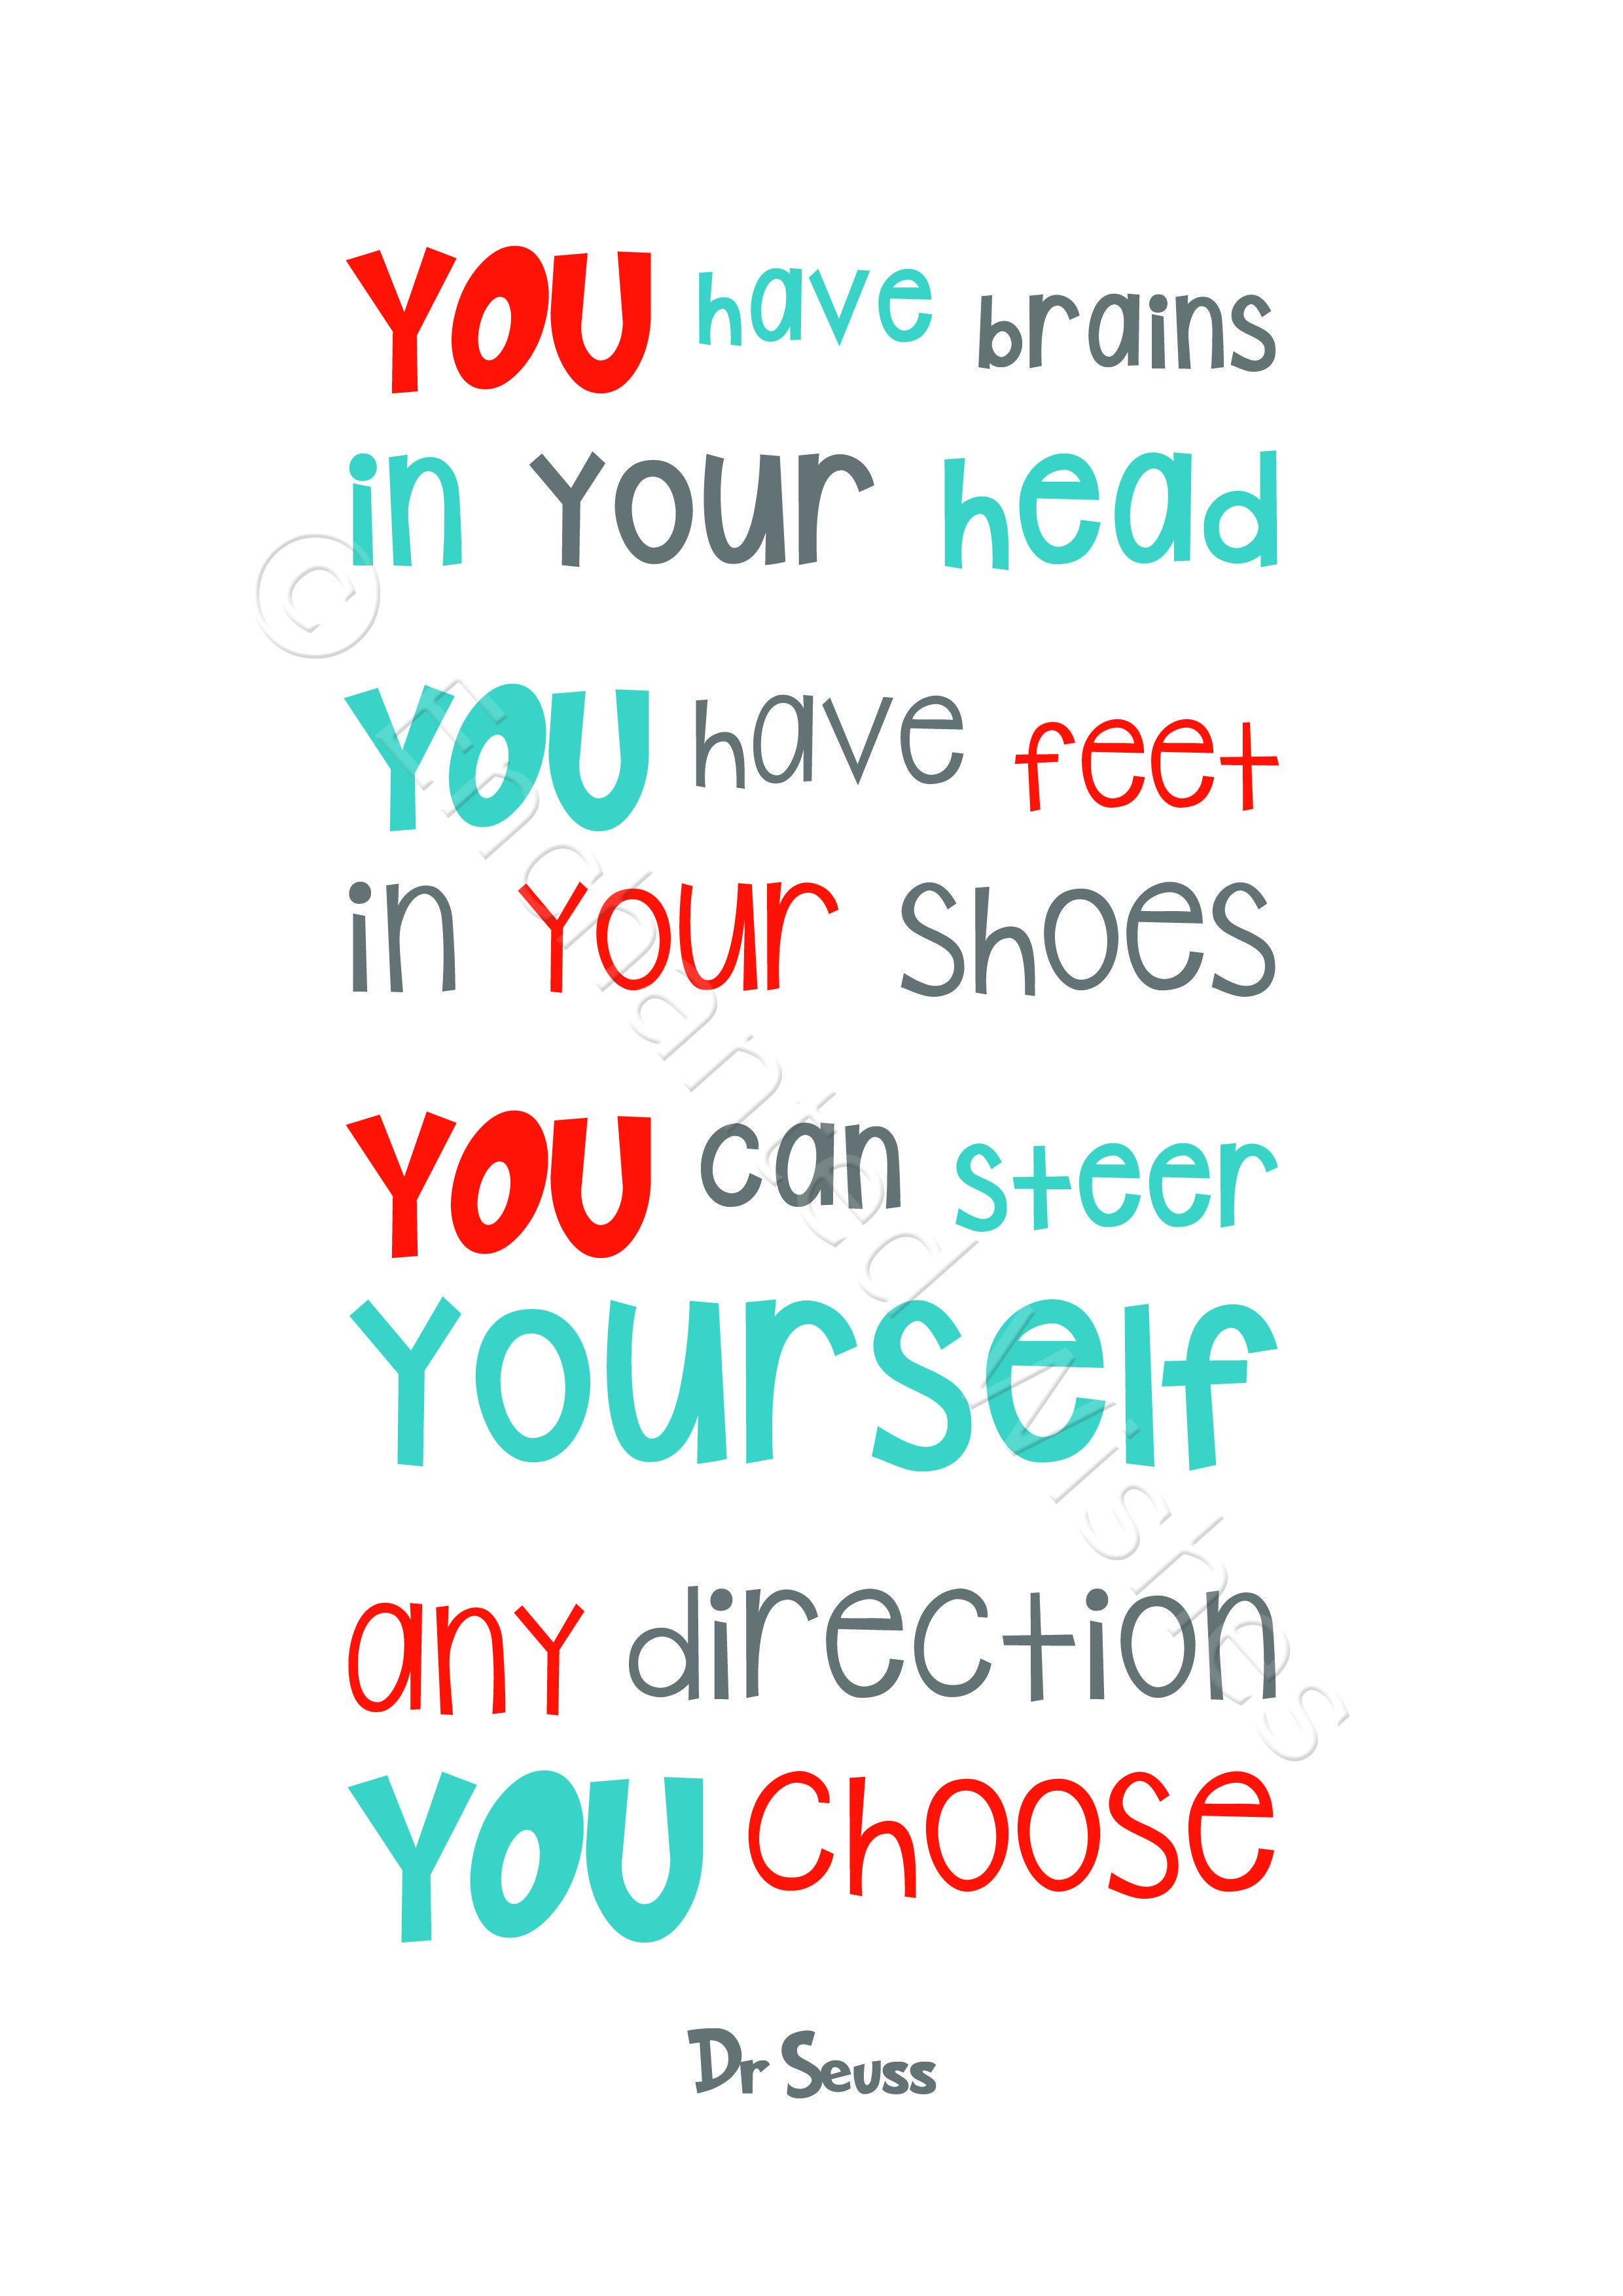 Dr Seuss Quotes - Set of 4 Prints